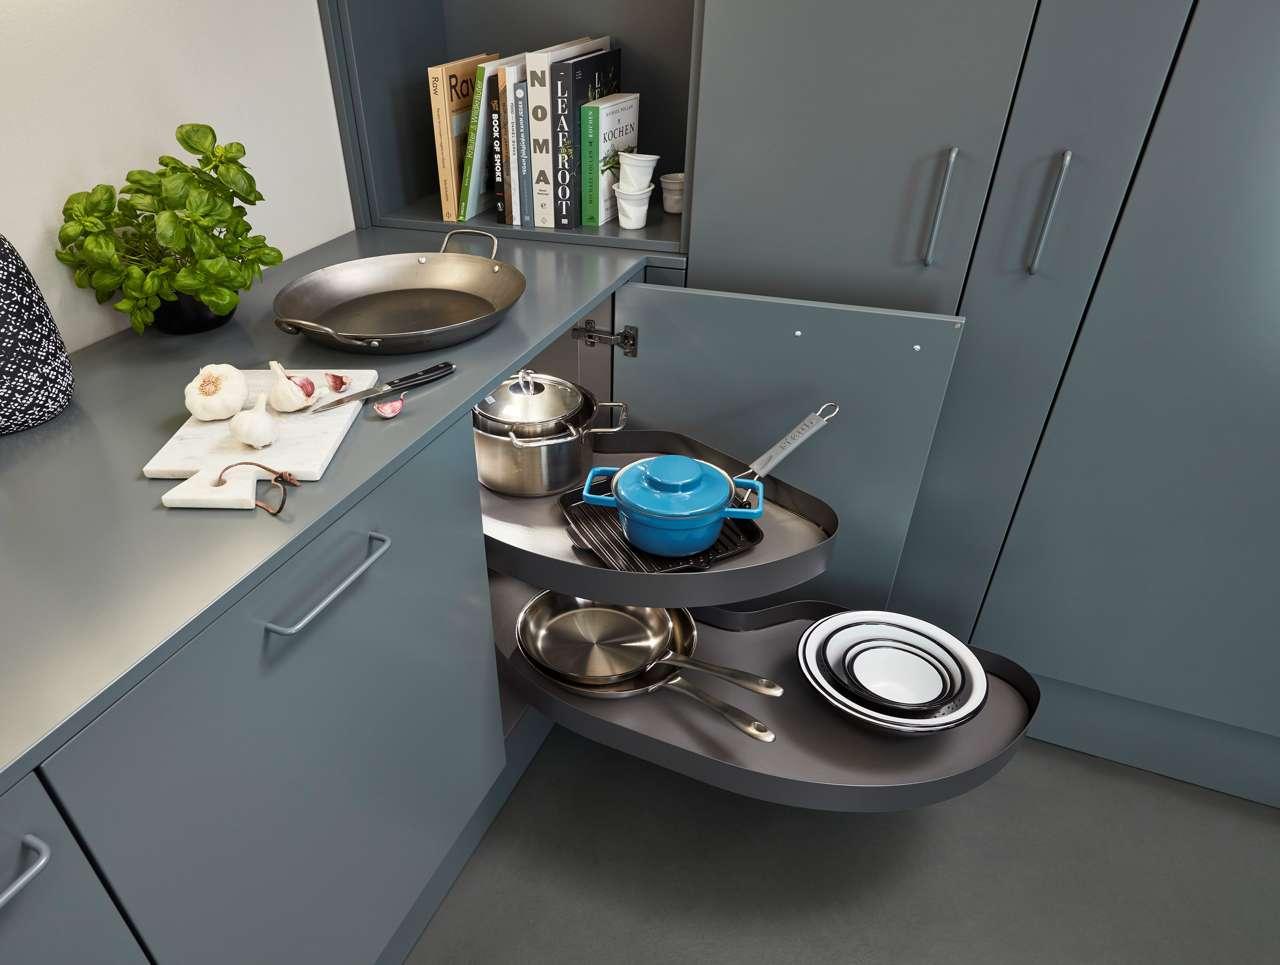 Full Size of Einbauküche Für Kleine Küche Kleine Einbauküche Ebay Einbauküche Für Kleine Räume Kleine Einbauküche Gebraucht Küche Kleine Einbauküche